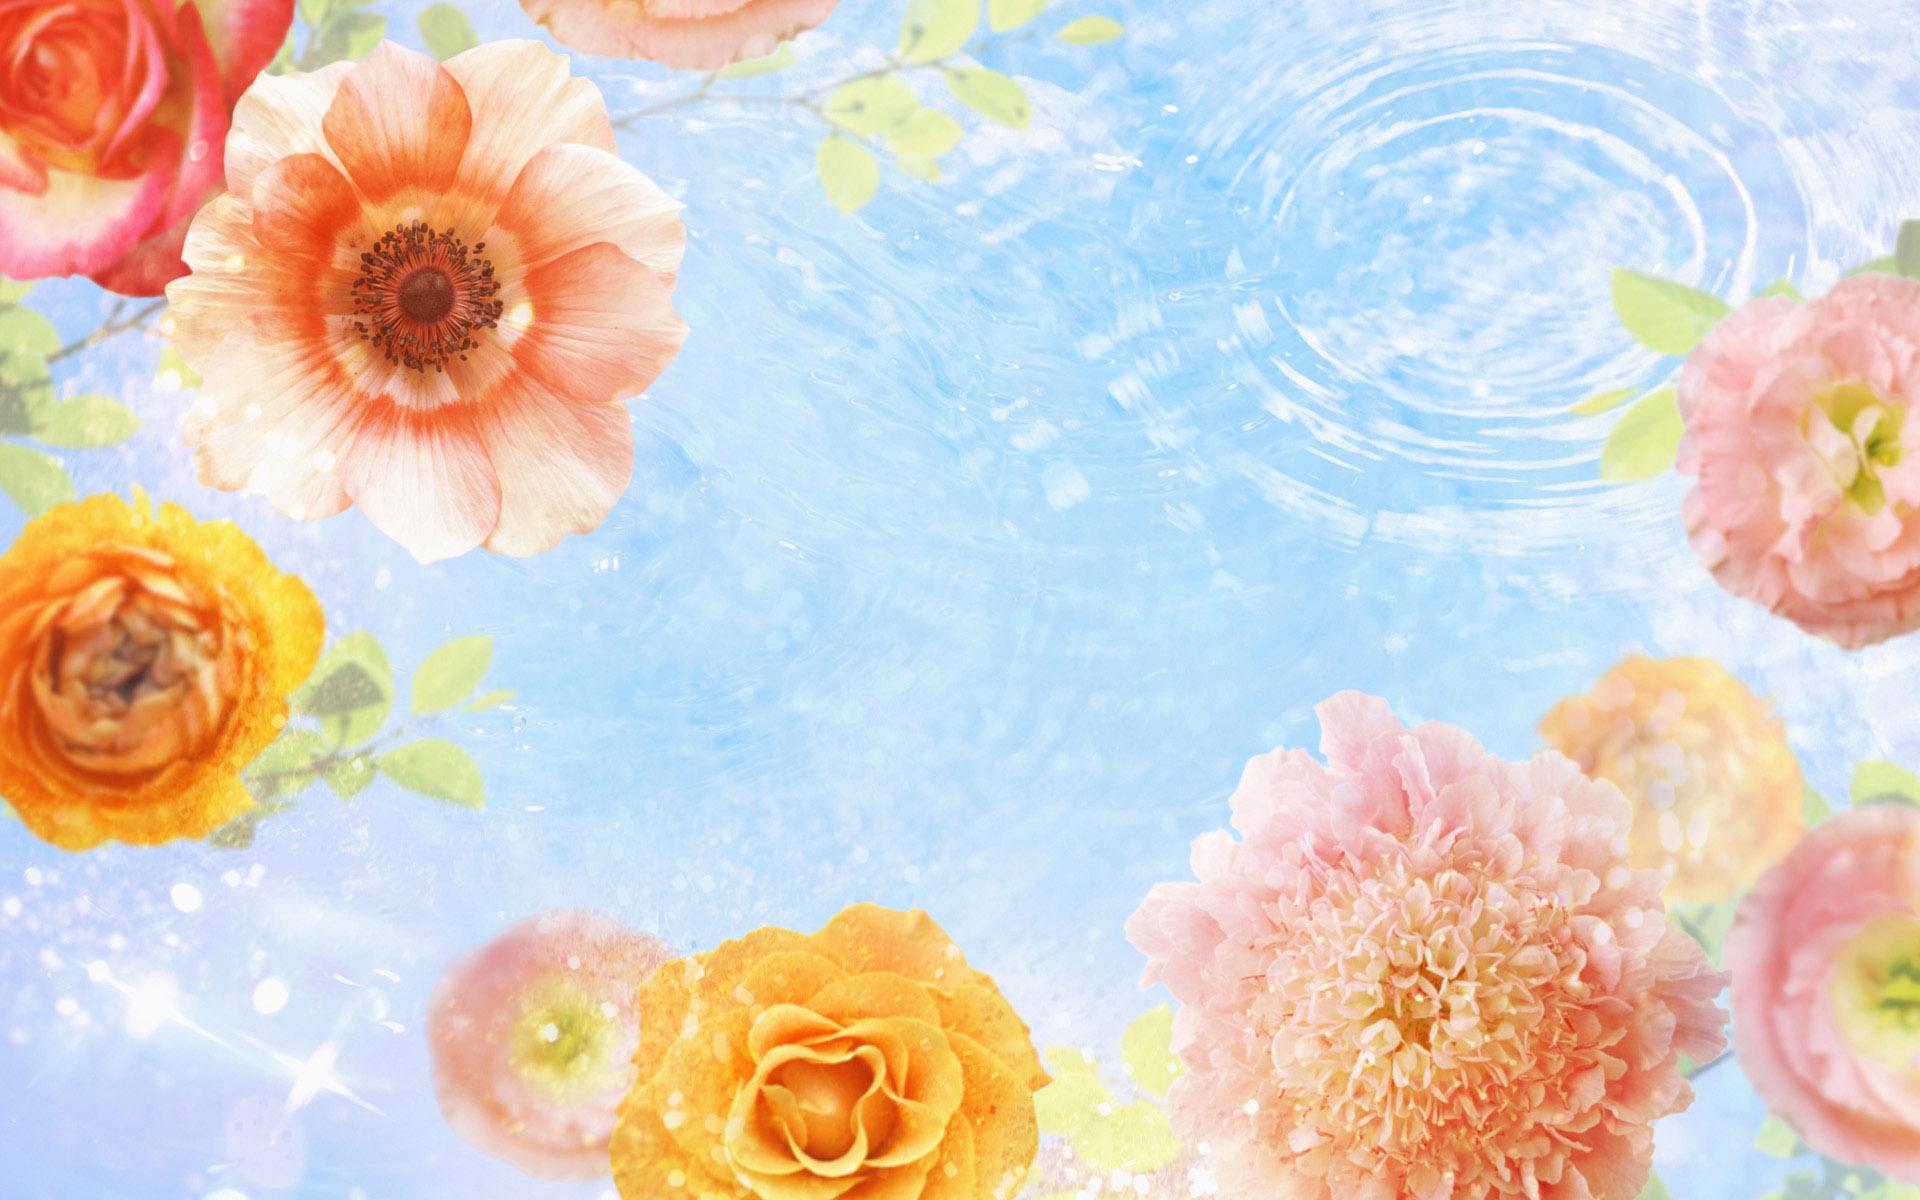 设计常用的花朵高清背景图片PS素材(32P)